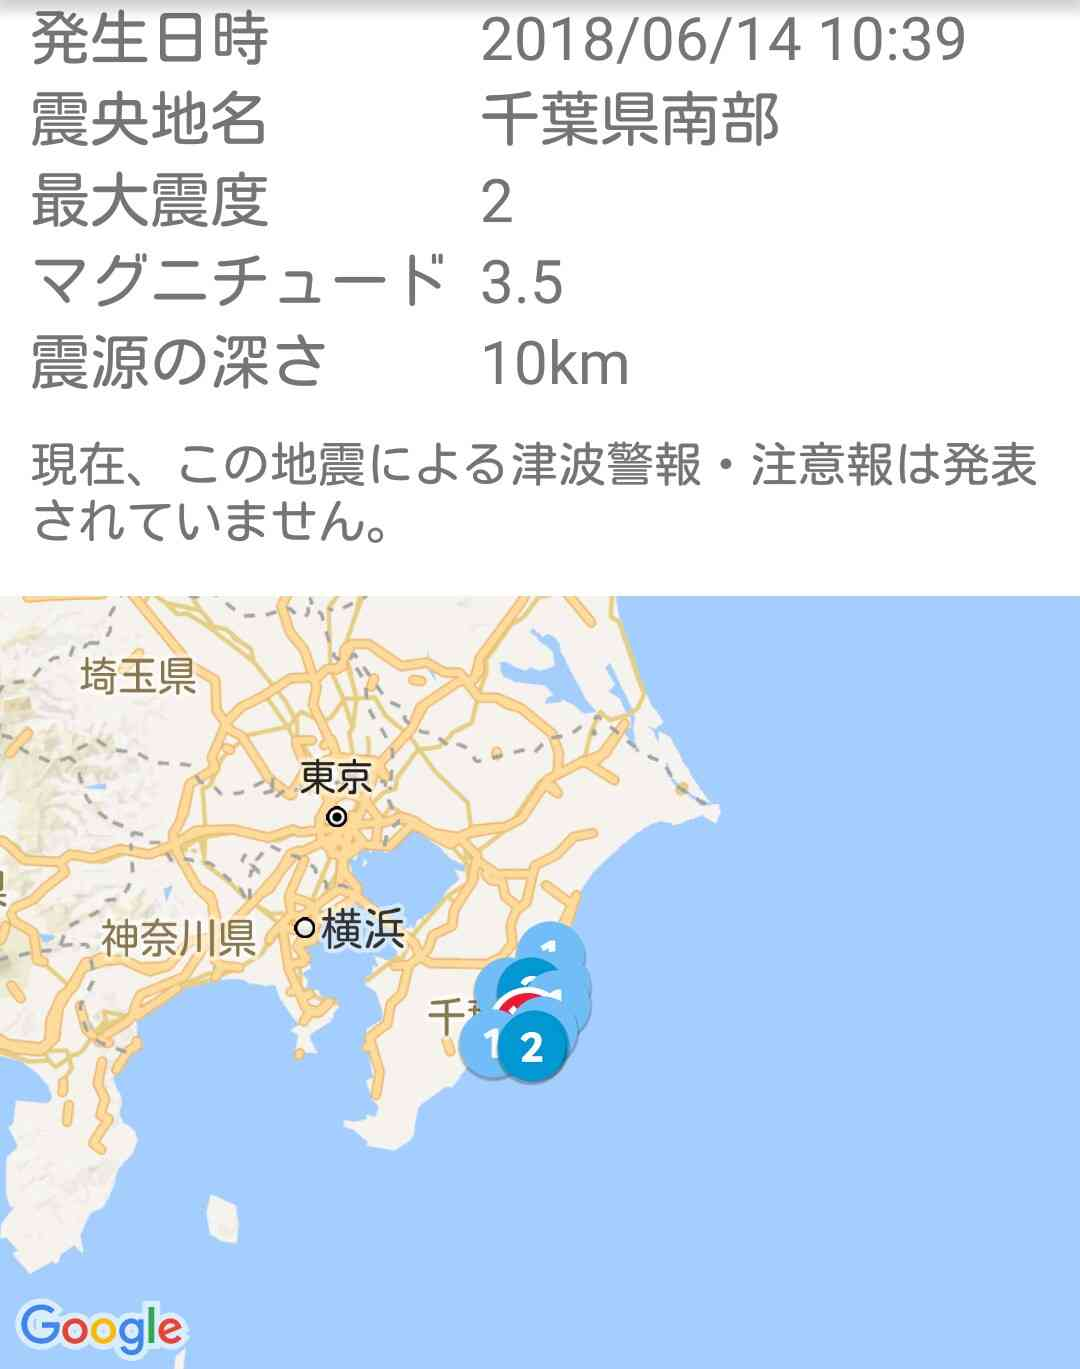 「アユが豊漁だと地震がくる」相模川でアユが大量発生 地元住民が気味悪がる言い伝え存在